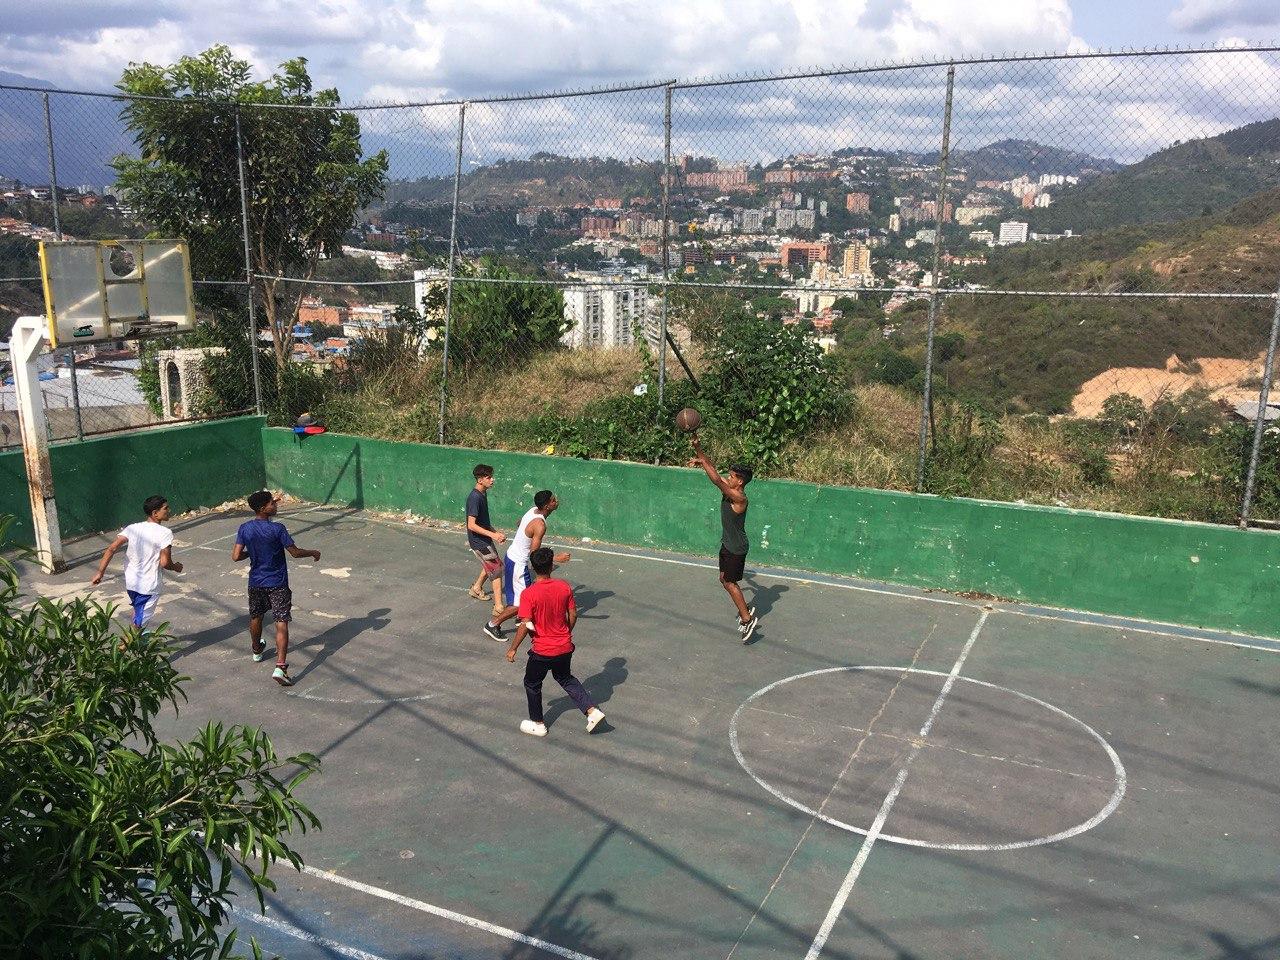 Vecinos jugando Básquet en la cancha